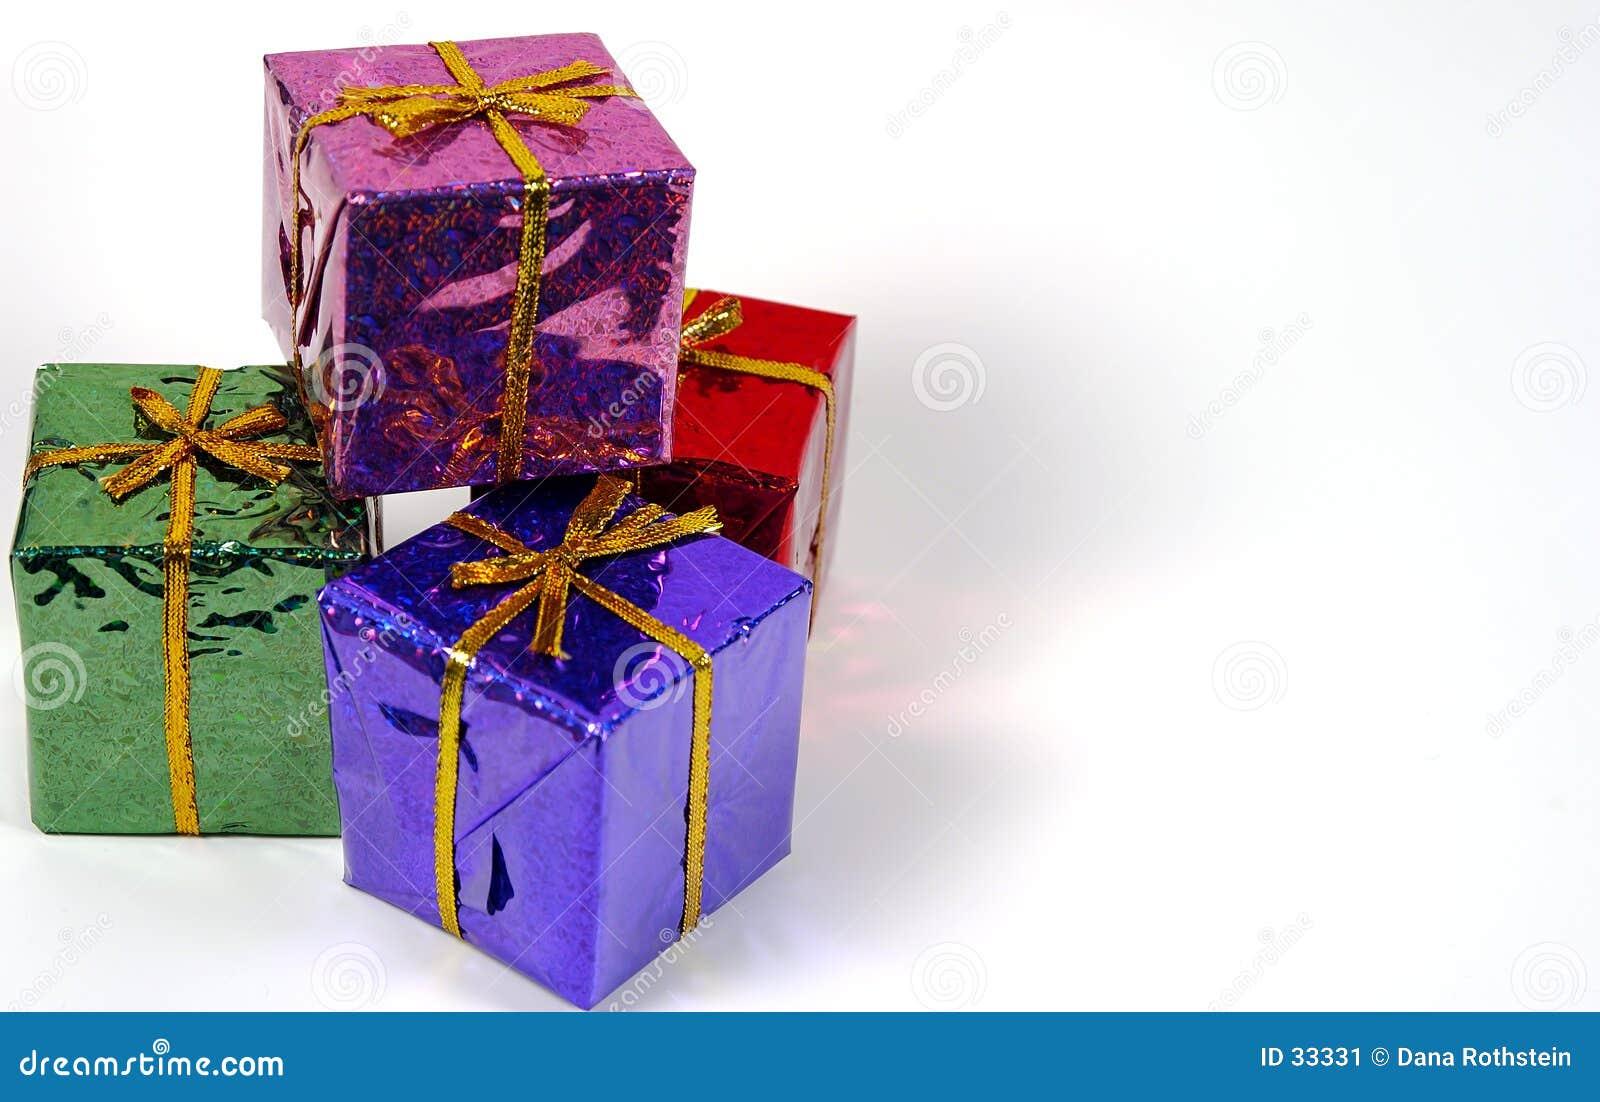 Giftboxes wakacyjne